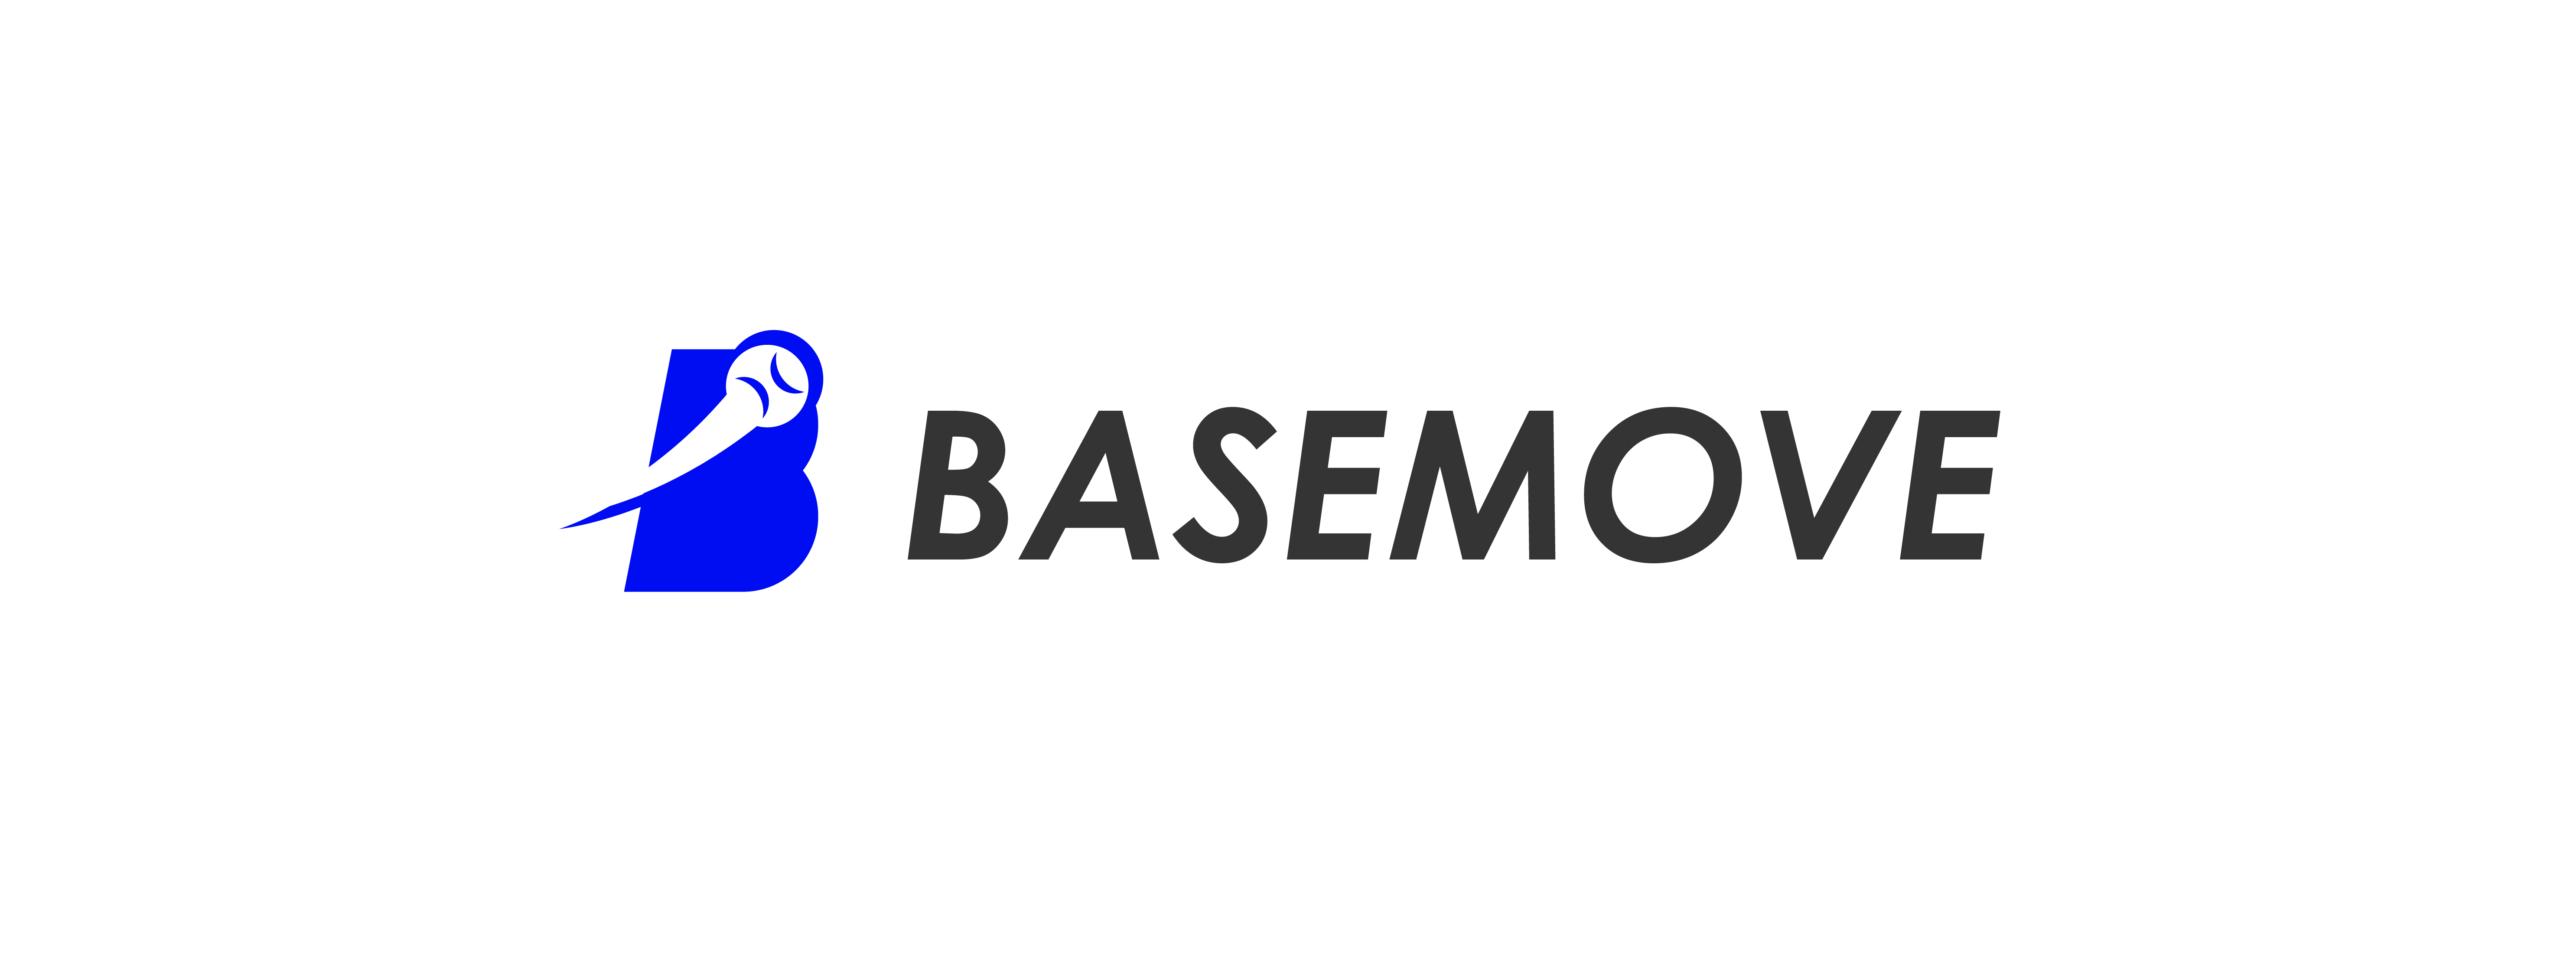 BASEMOVE